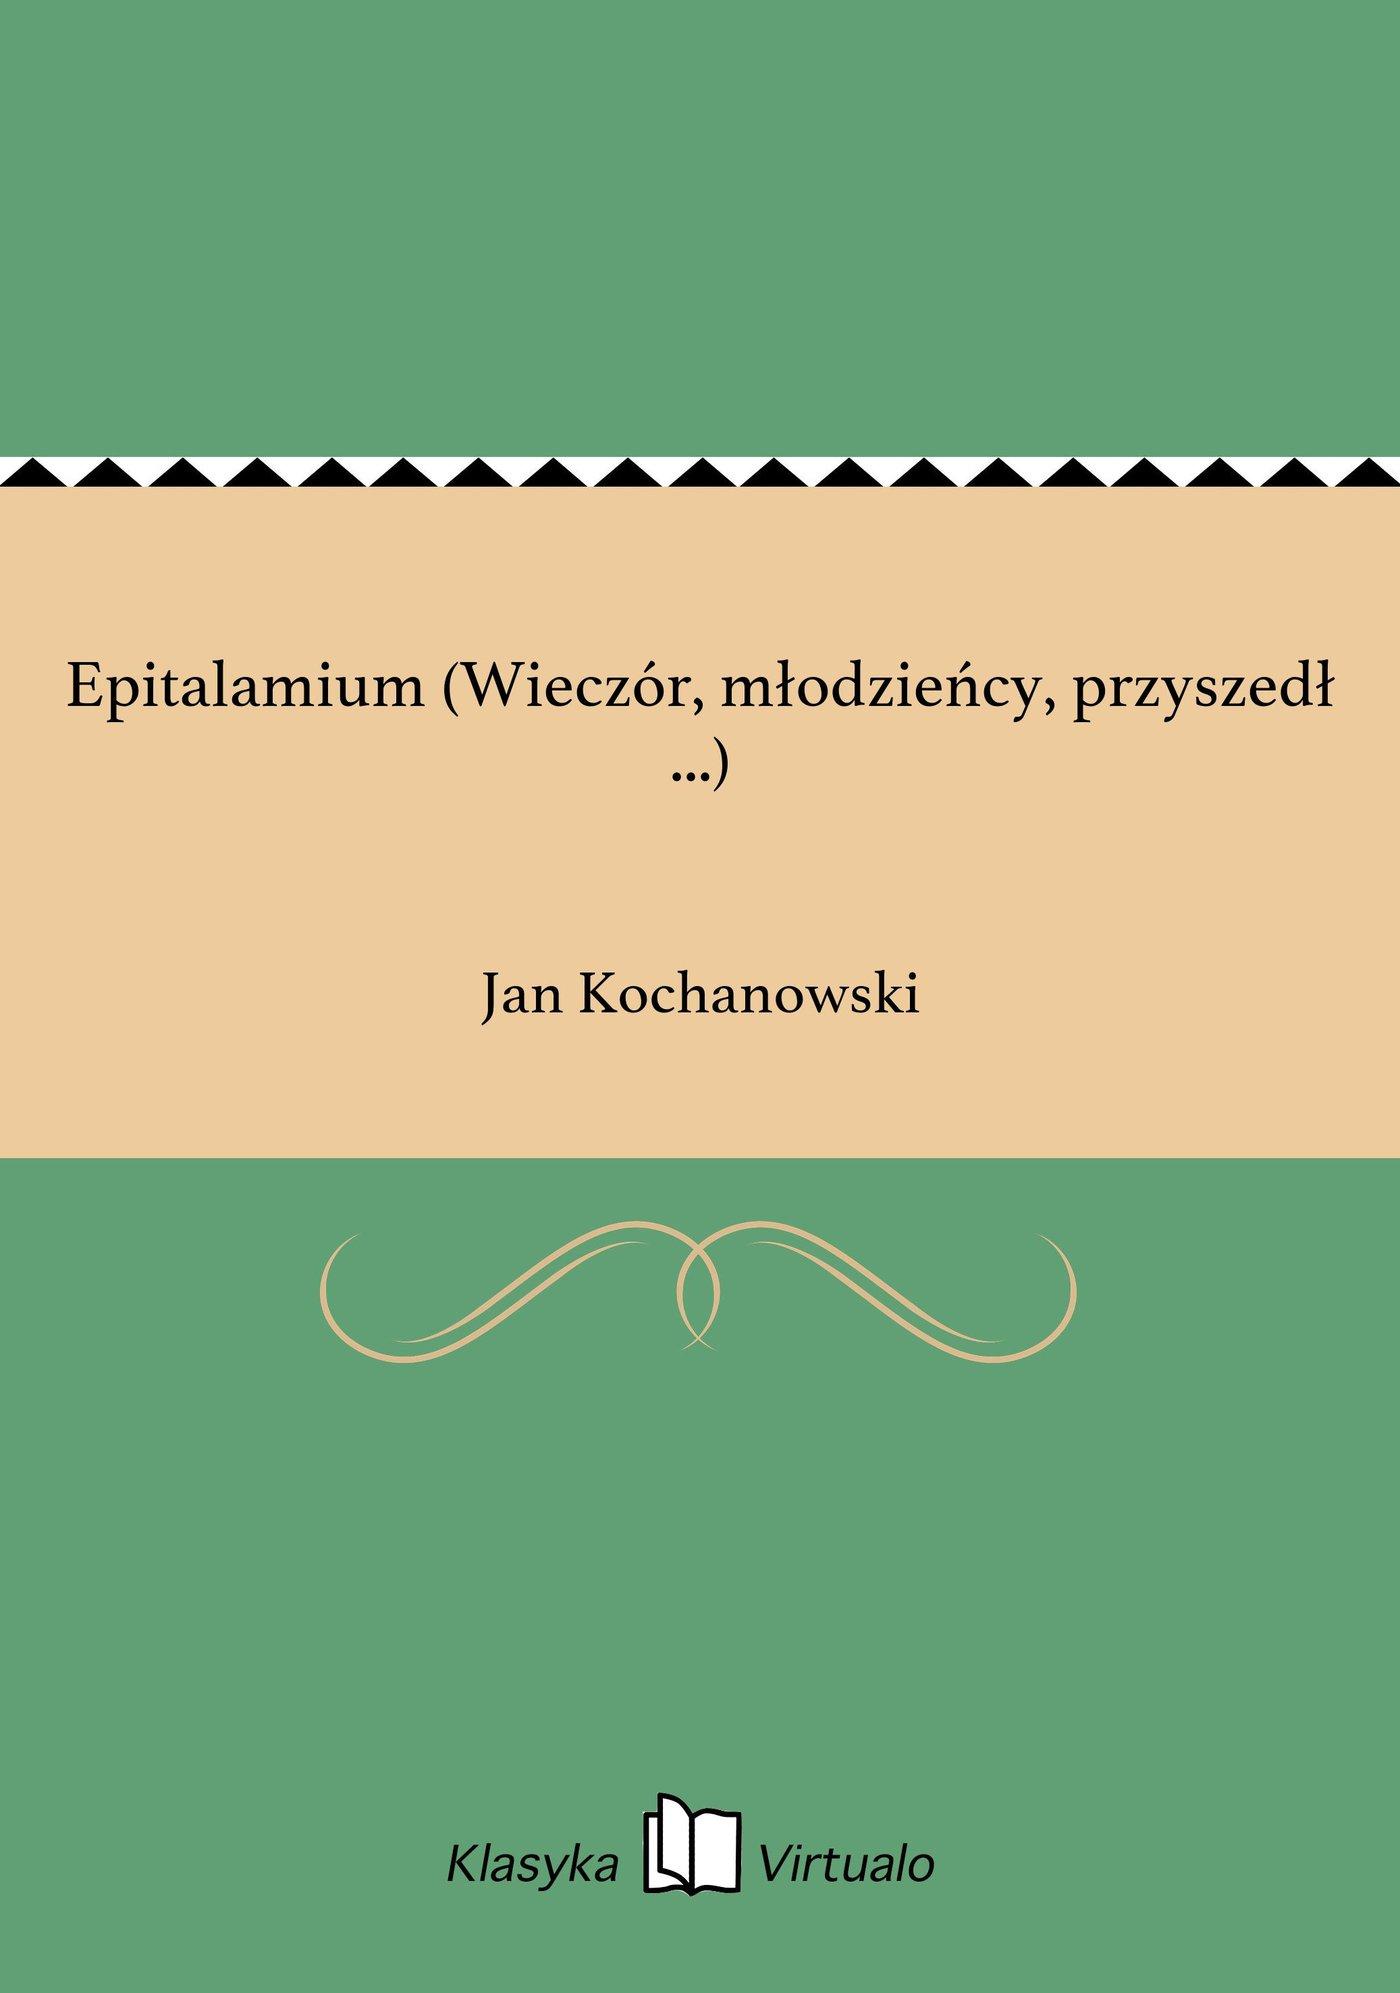 Epitalamium (Wieczór, młodzieńcy, przyszedł ...) - Ebook (Książka EPUB) do pobrania w formacie EPUB